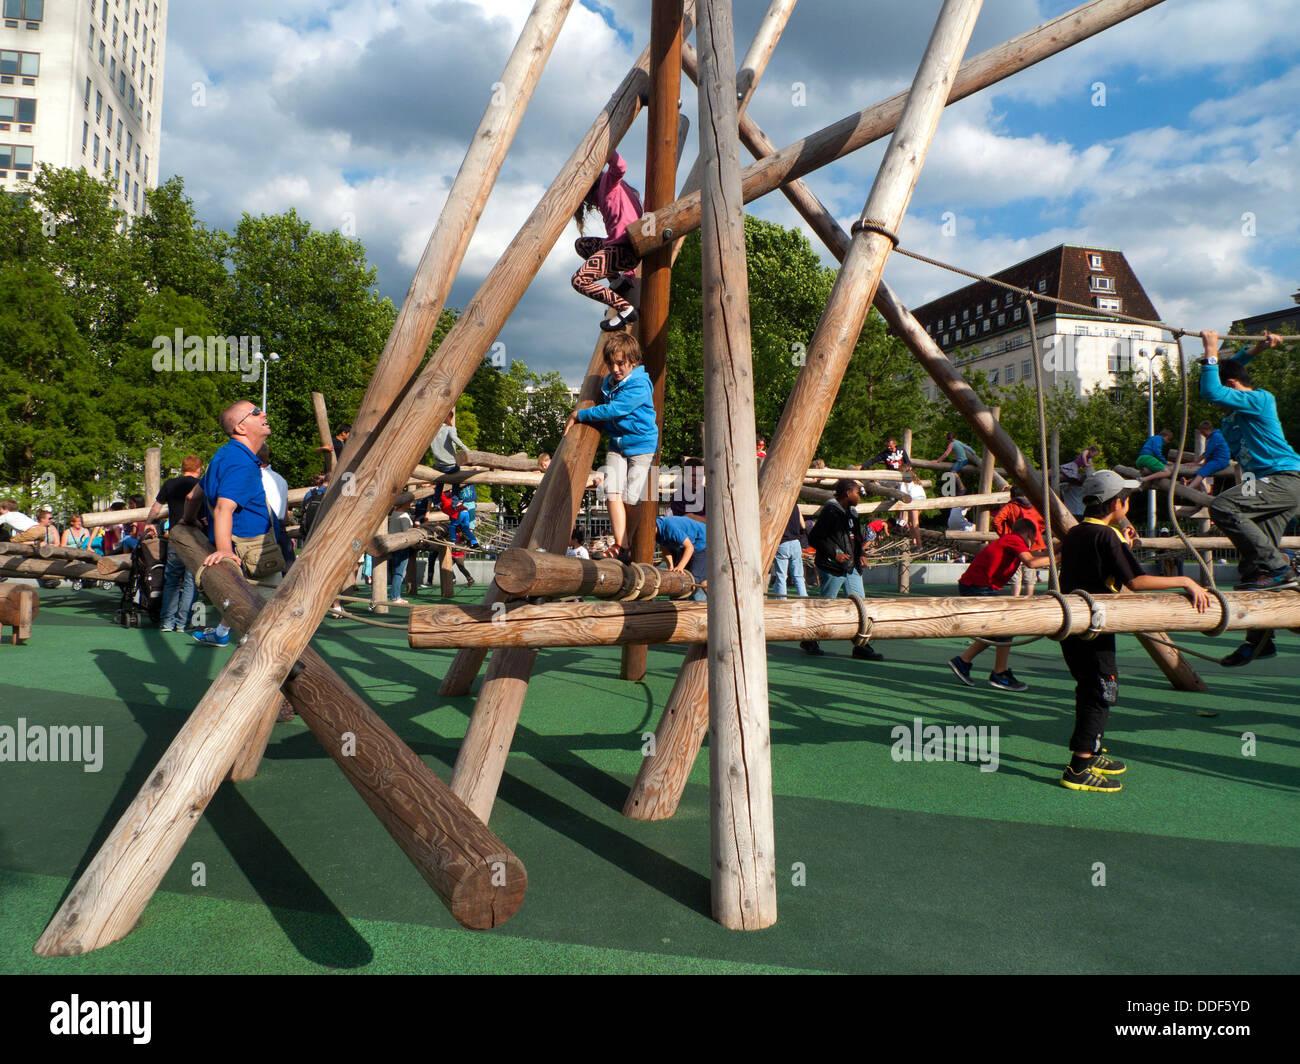 Kinder Klettergerüst Holz : Kinder spielen im freien auf einem baumstamm holz klettergerüst